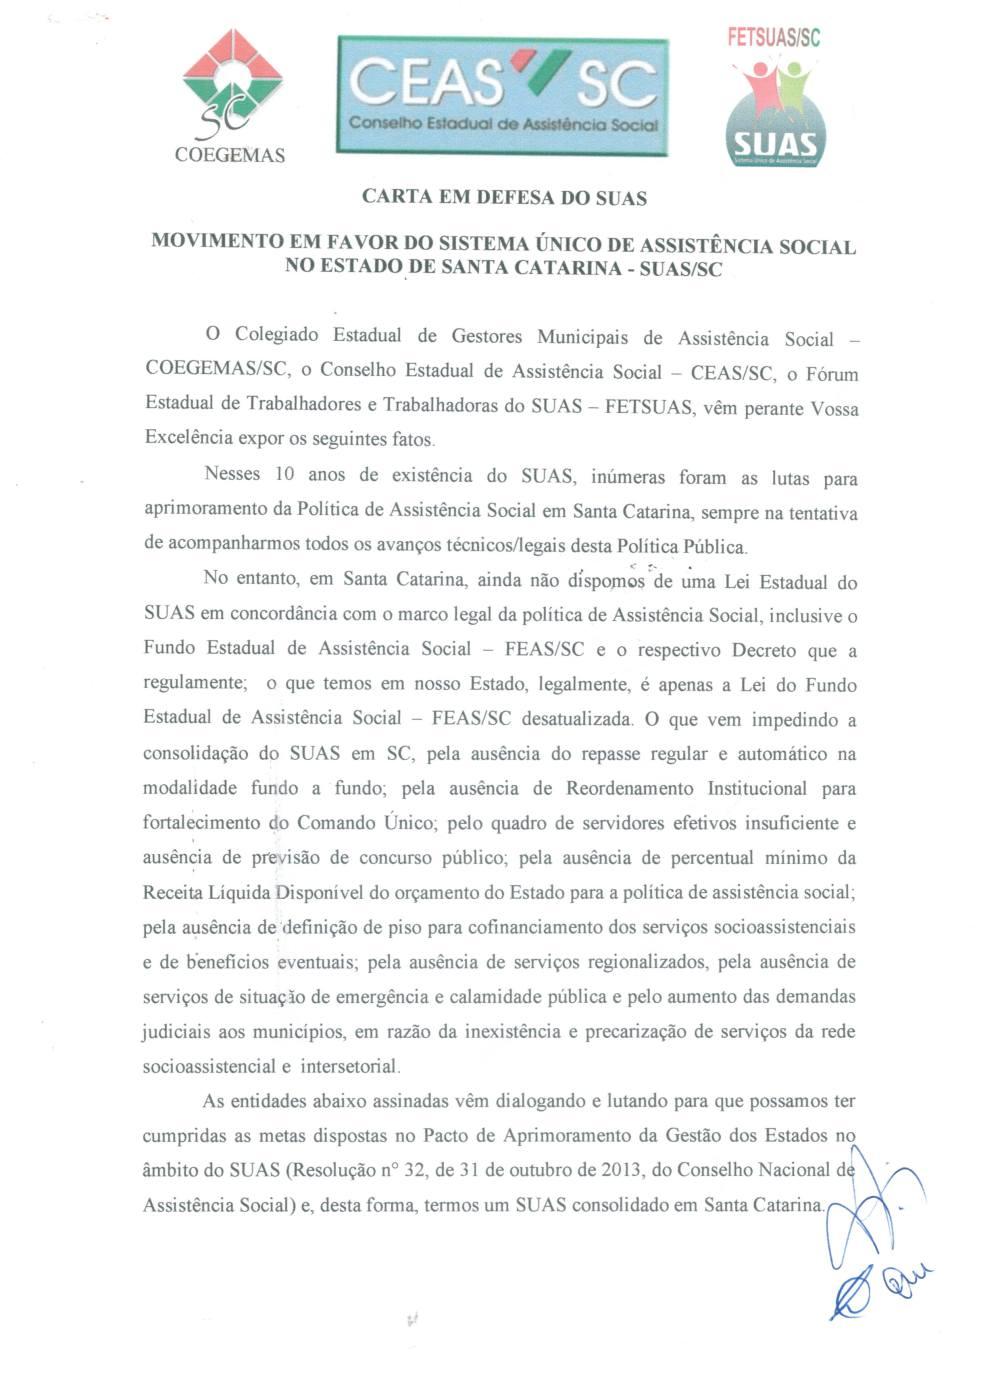 Carta em Defesa do SUAS